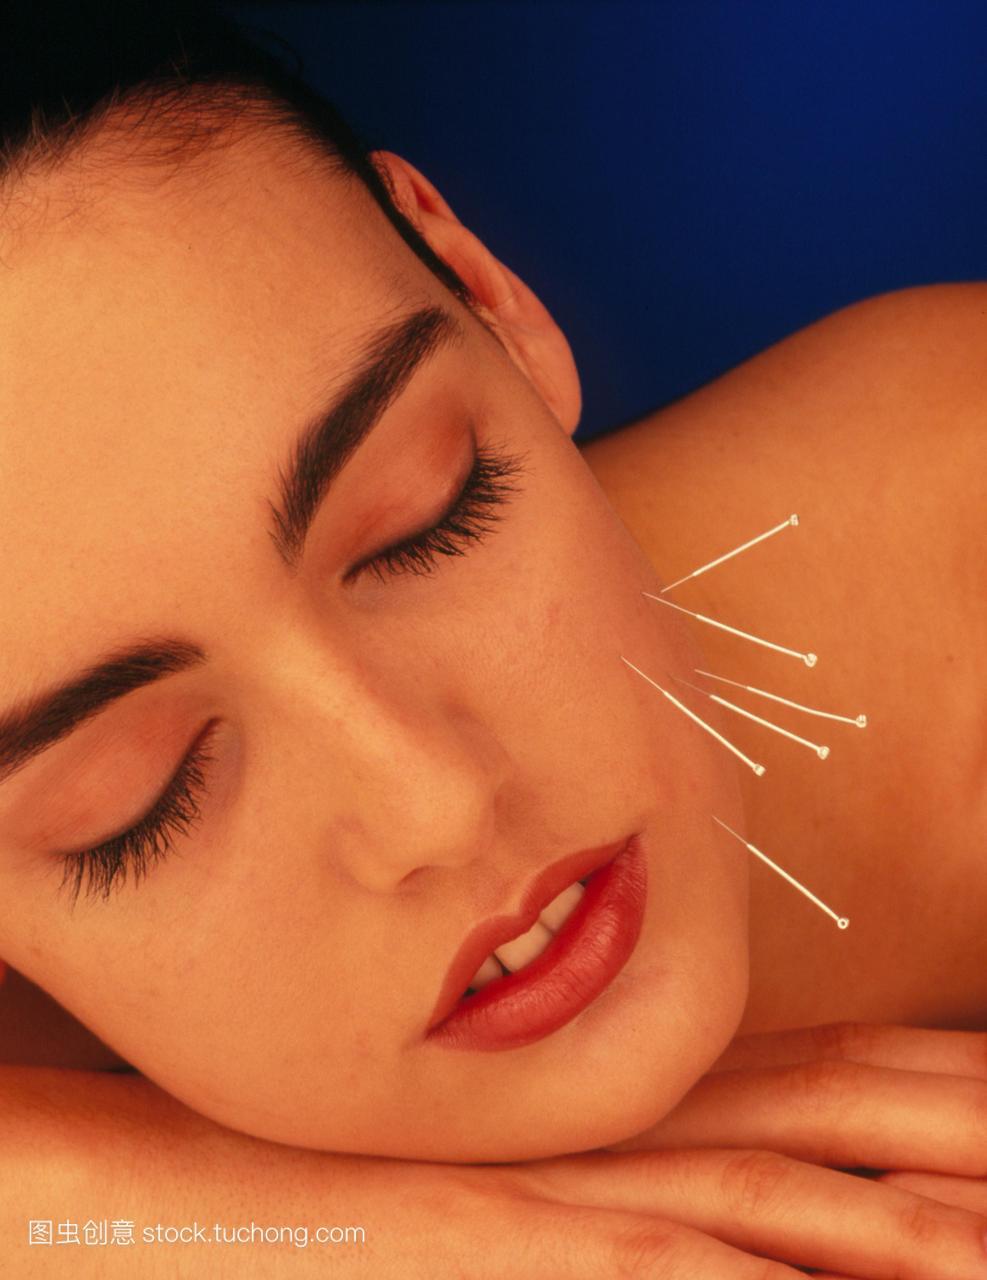 美女发布西方针灸。一个脸上有针灸针的模型。超牛仔裤女人清图片